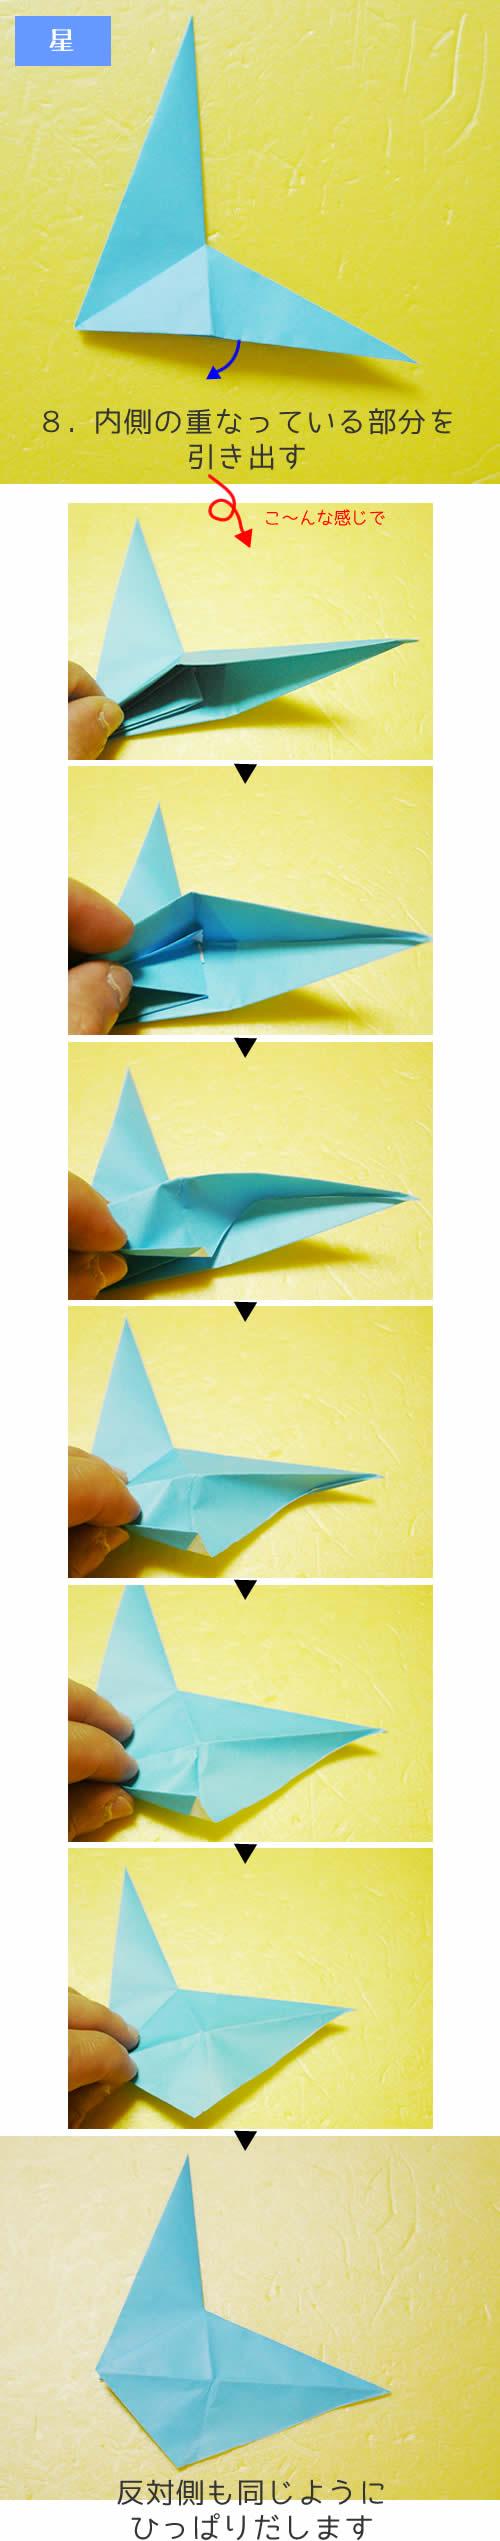 星の折り方8